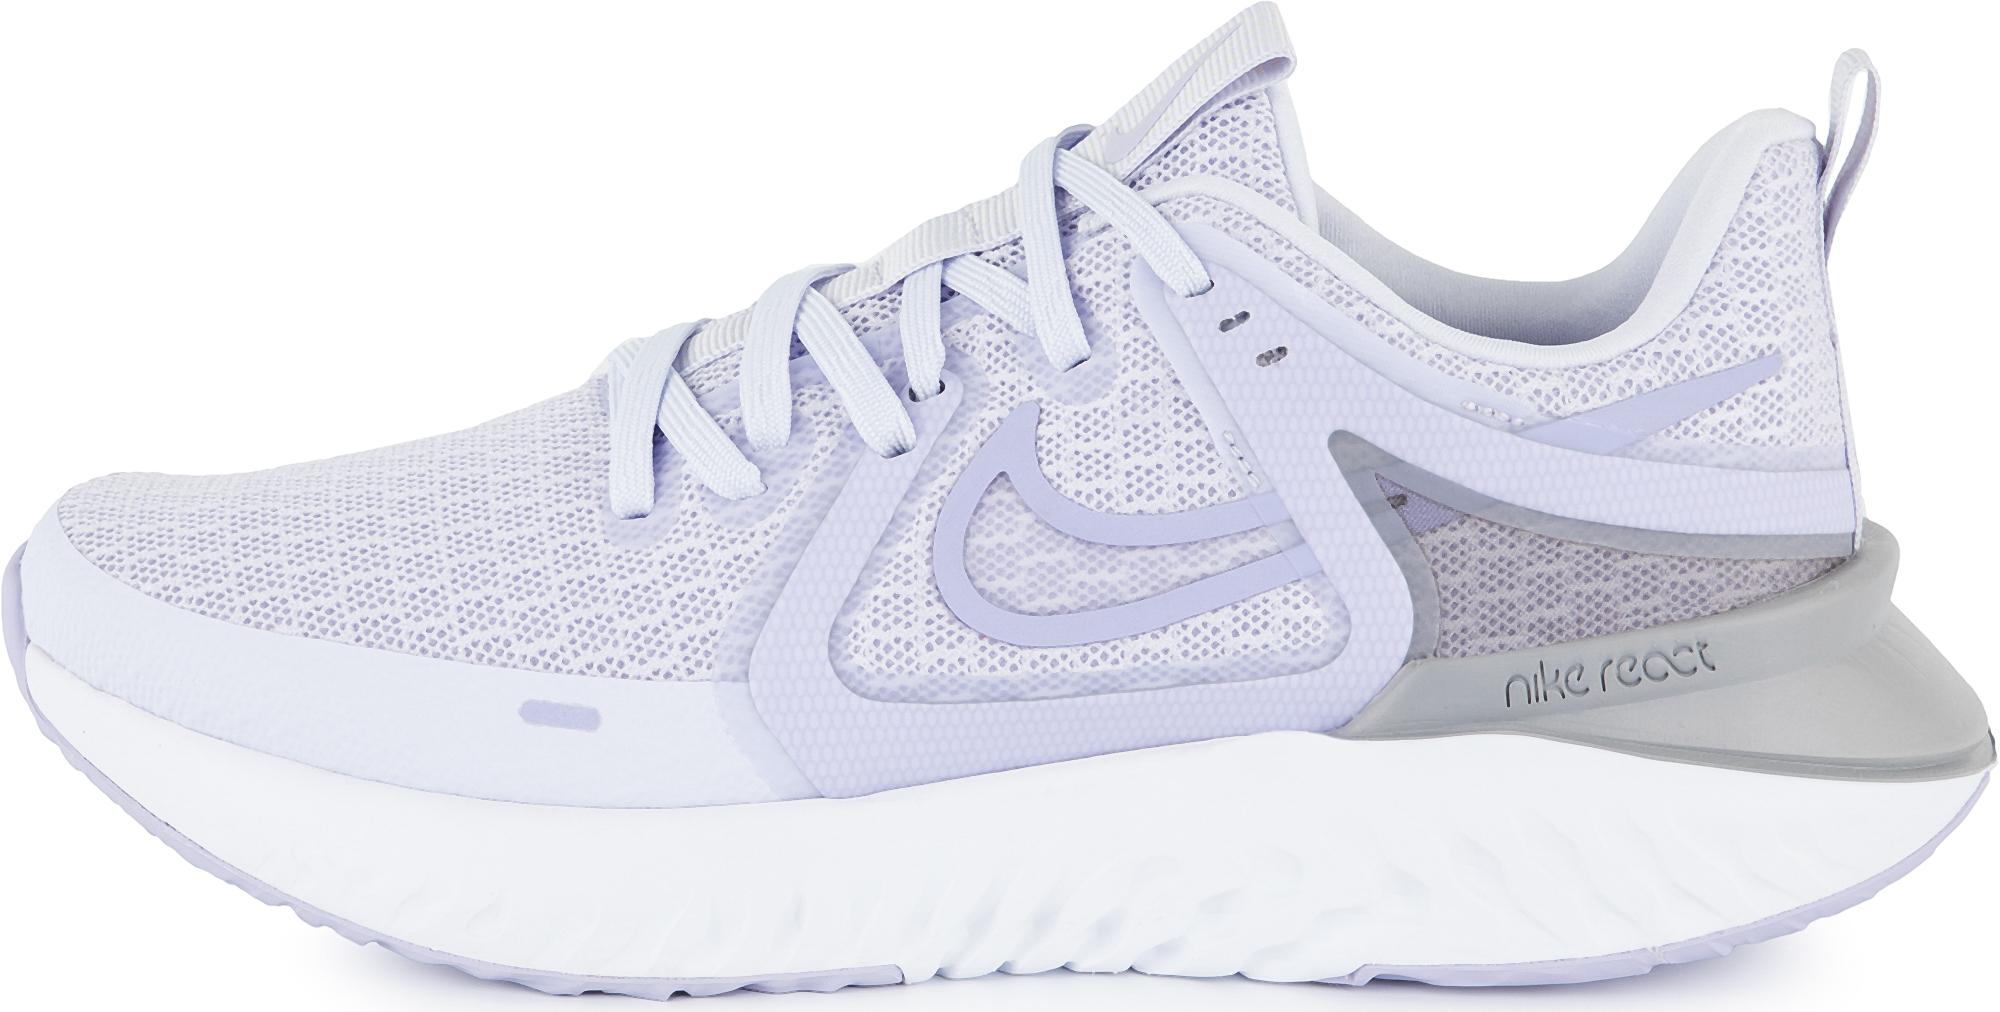 Nike Кроссовки женские Nike Legend React 2, размер 40 кроссовки для мальчика nike jr tiempo legend vi tf цвет черный 819191 010 размер 6 37 5